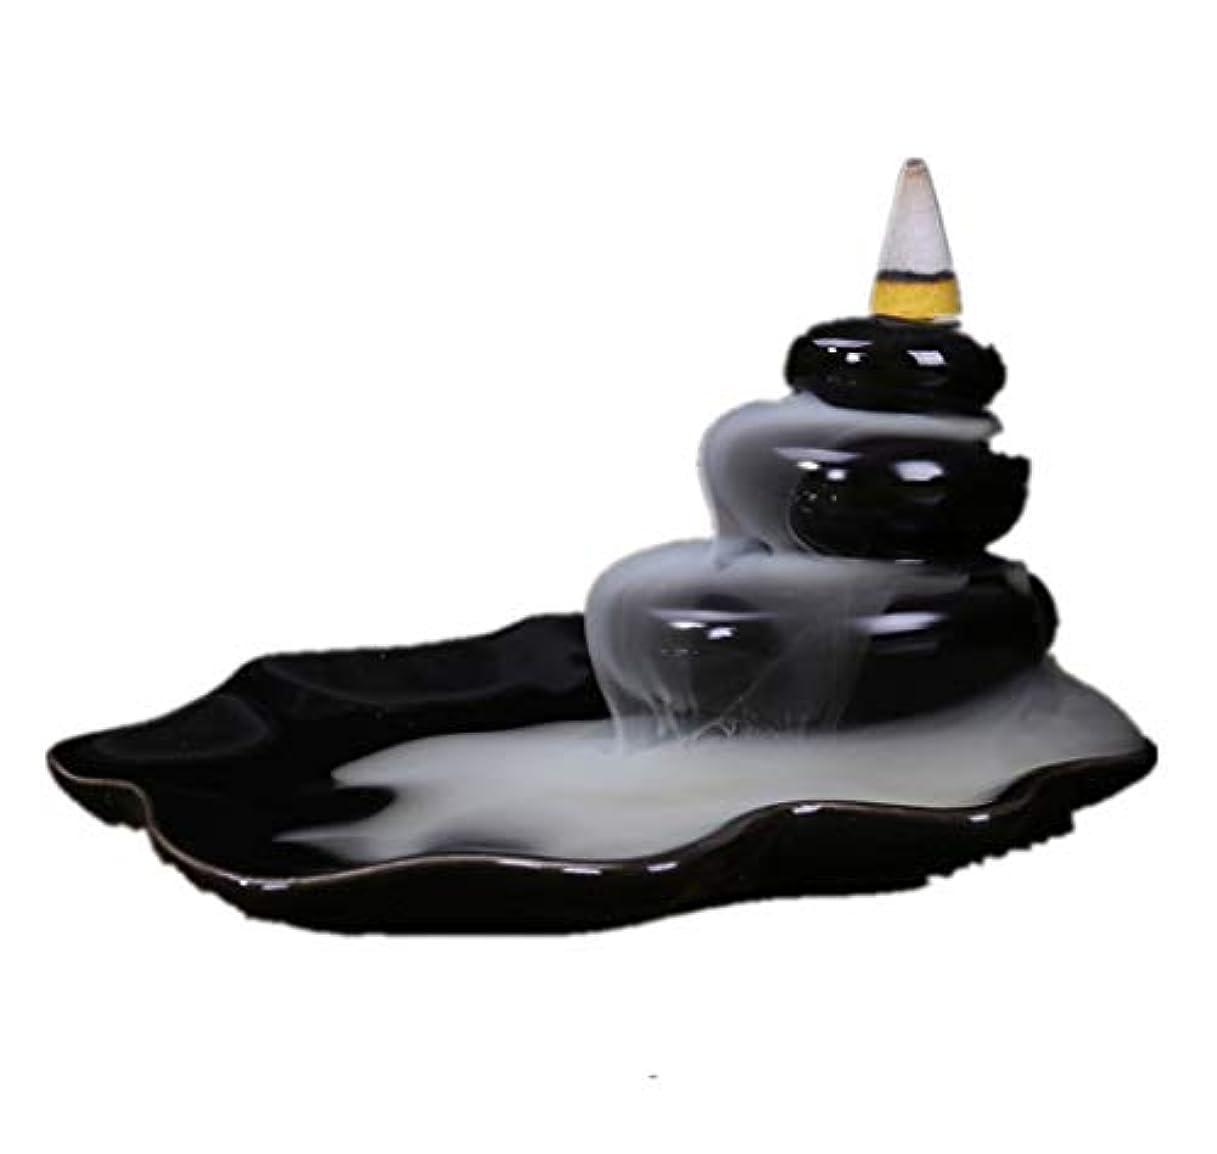 コンサートカール不振XPPXPP Backflow Incense Burner, Household Ceramic Returning Cone-shaped Candlestick Burner